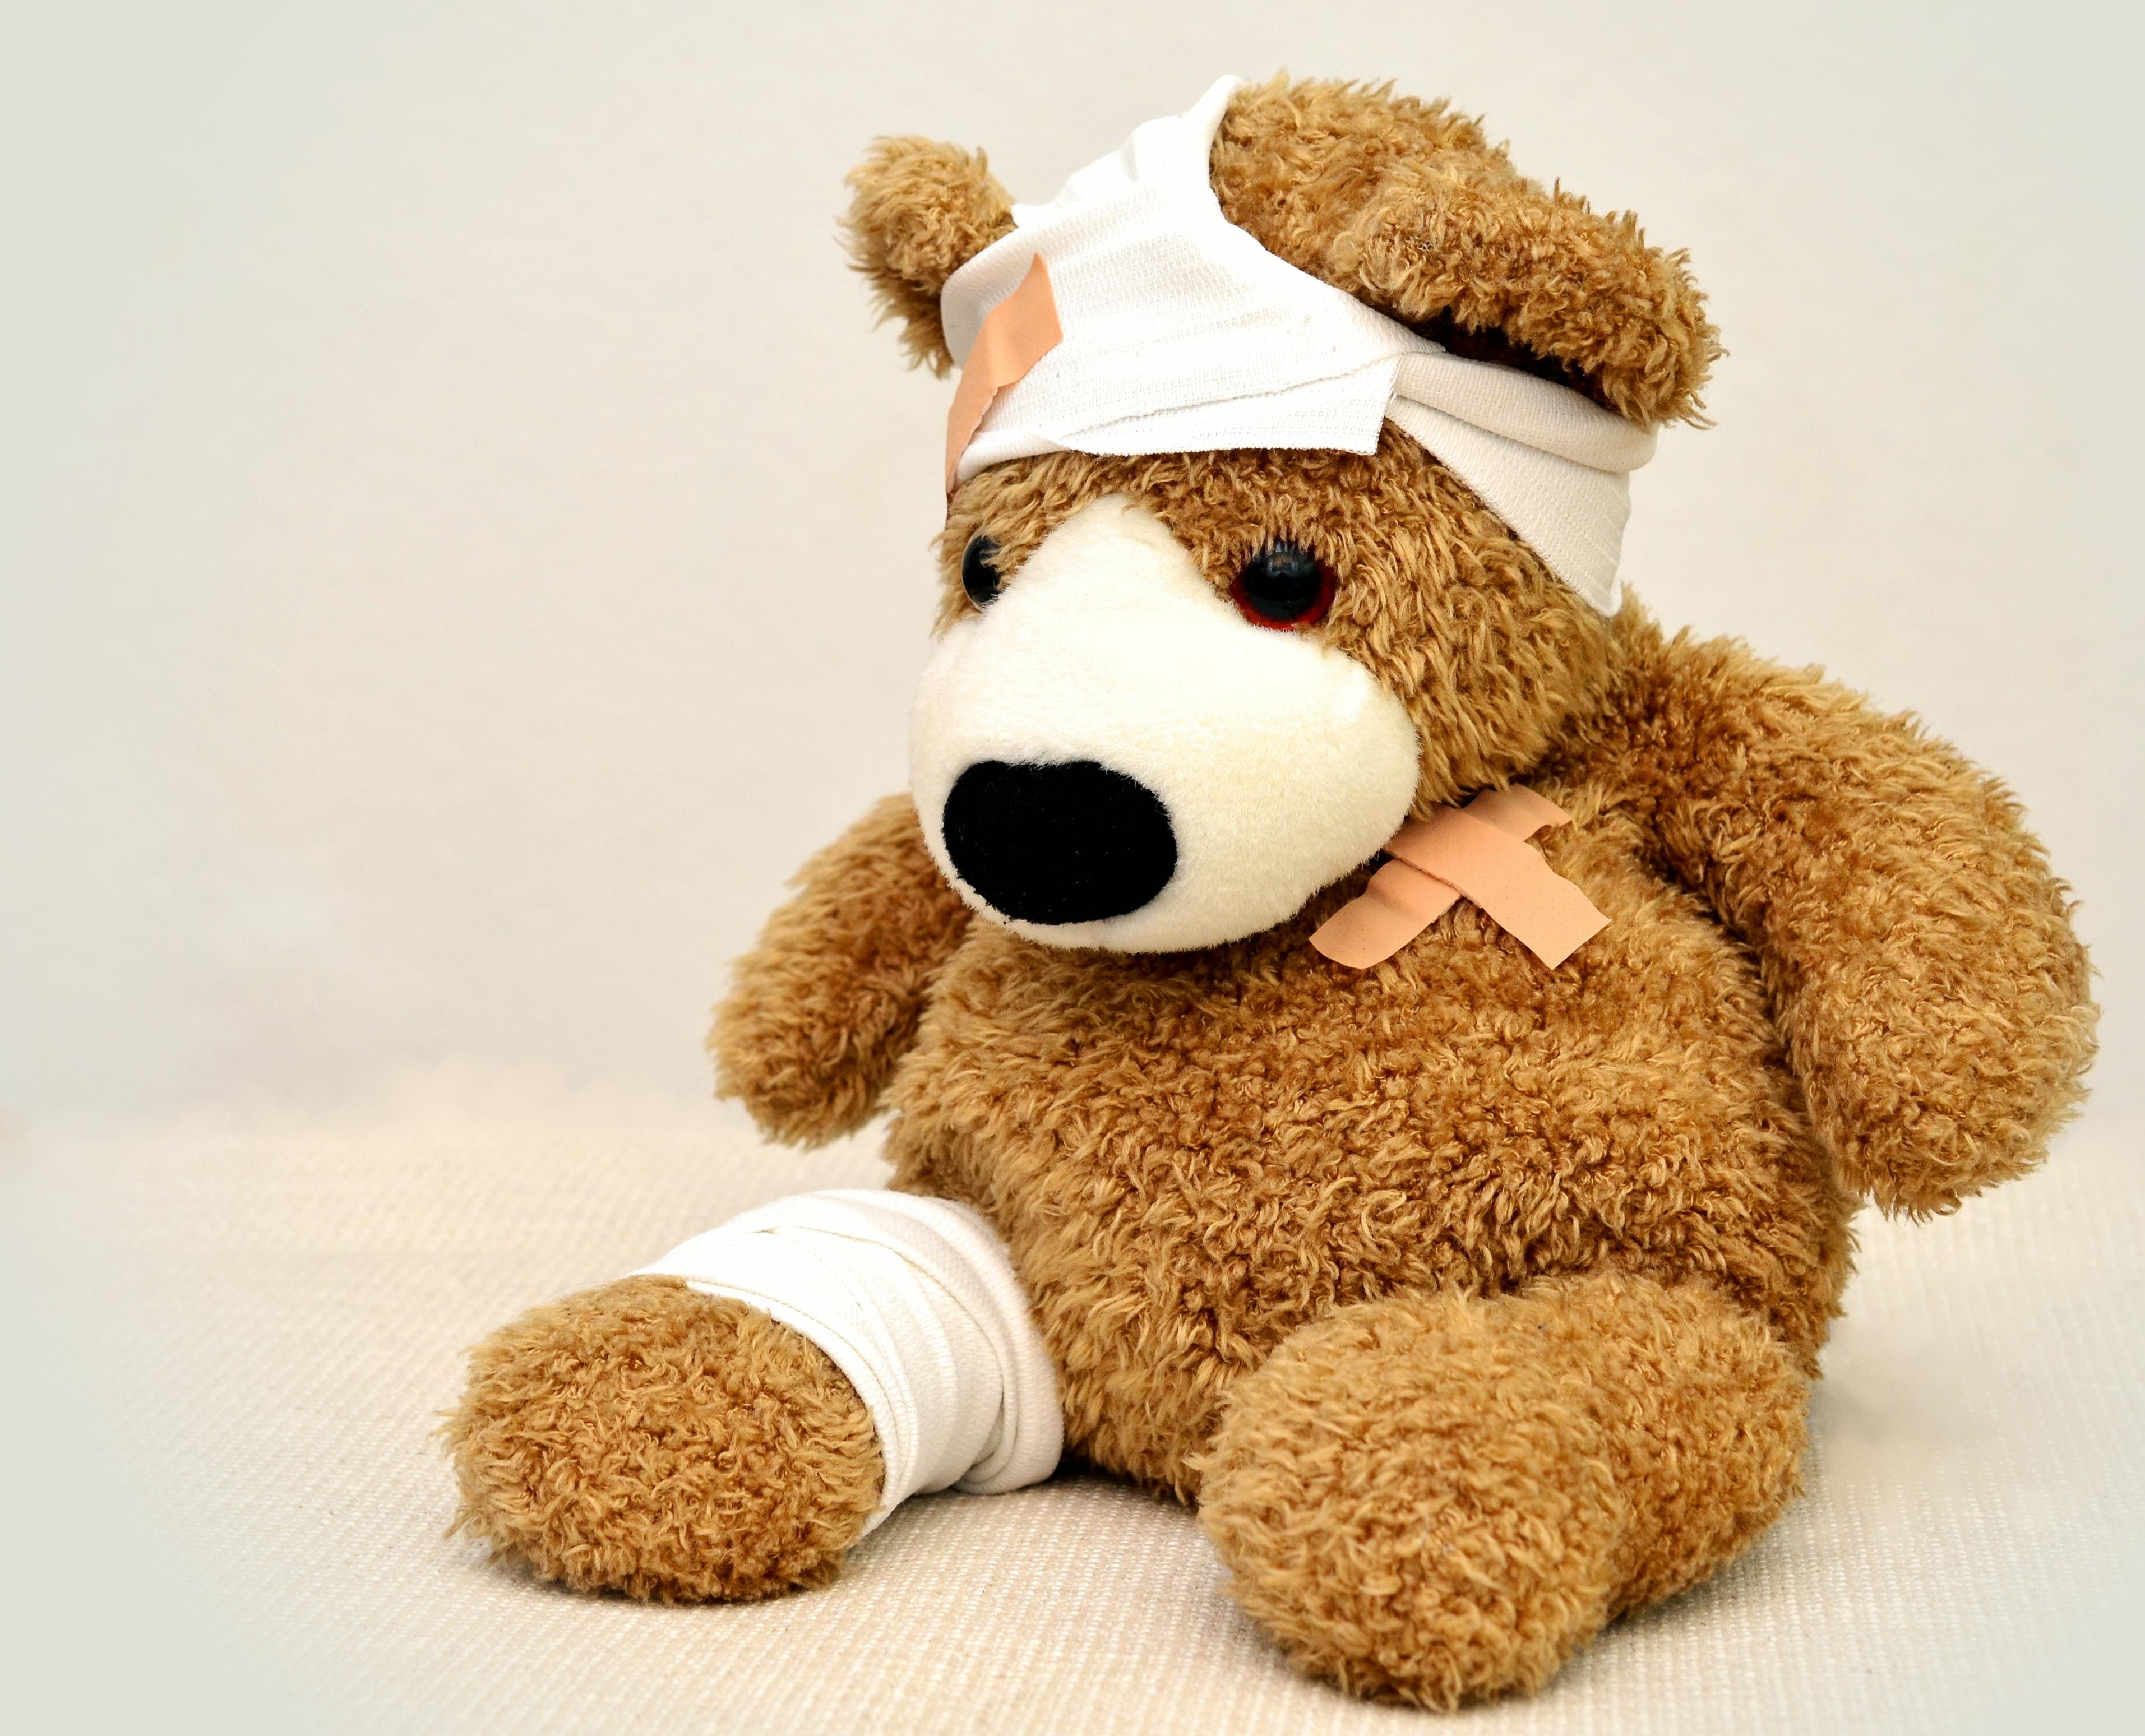 Teddy teddy bear association ill 42230 jp gotham lady voltagebd Gallery